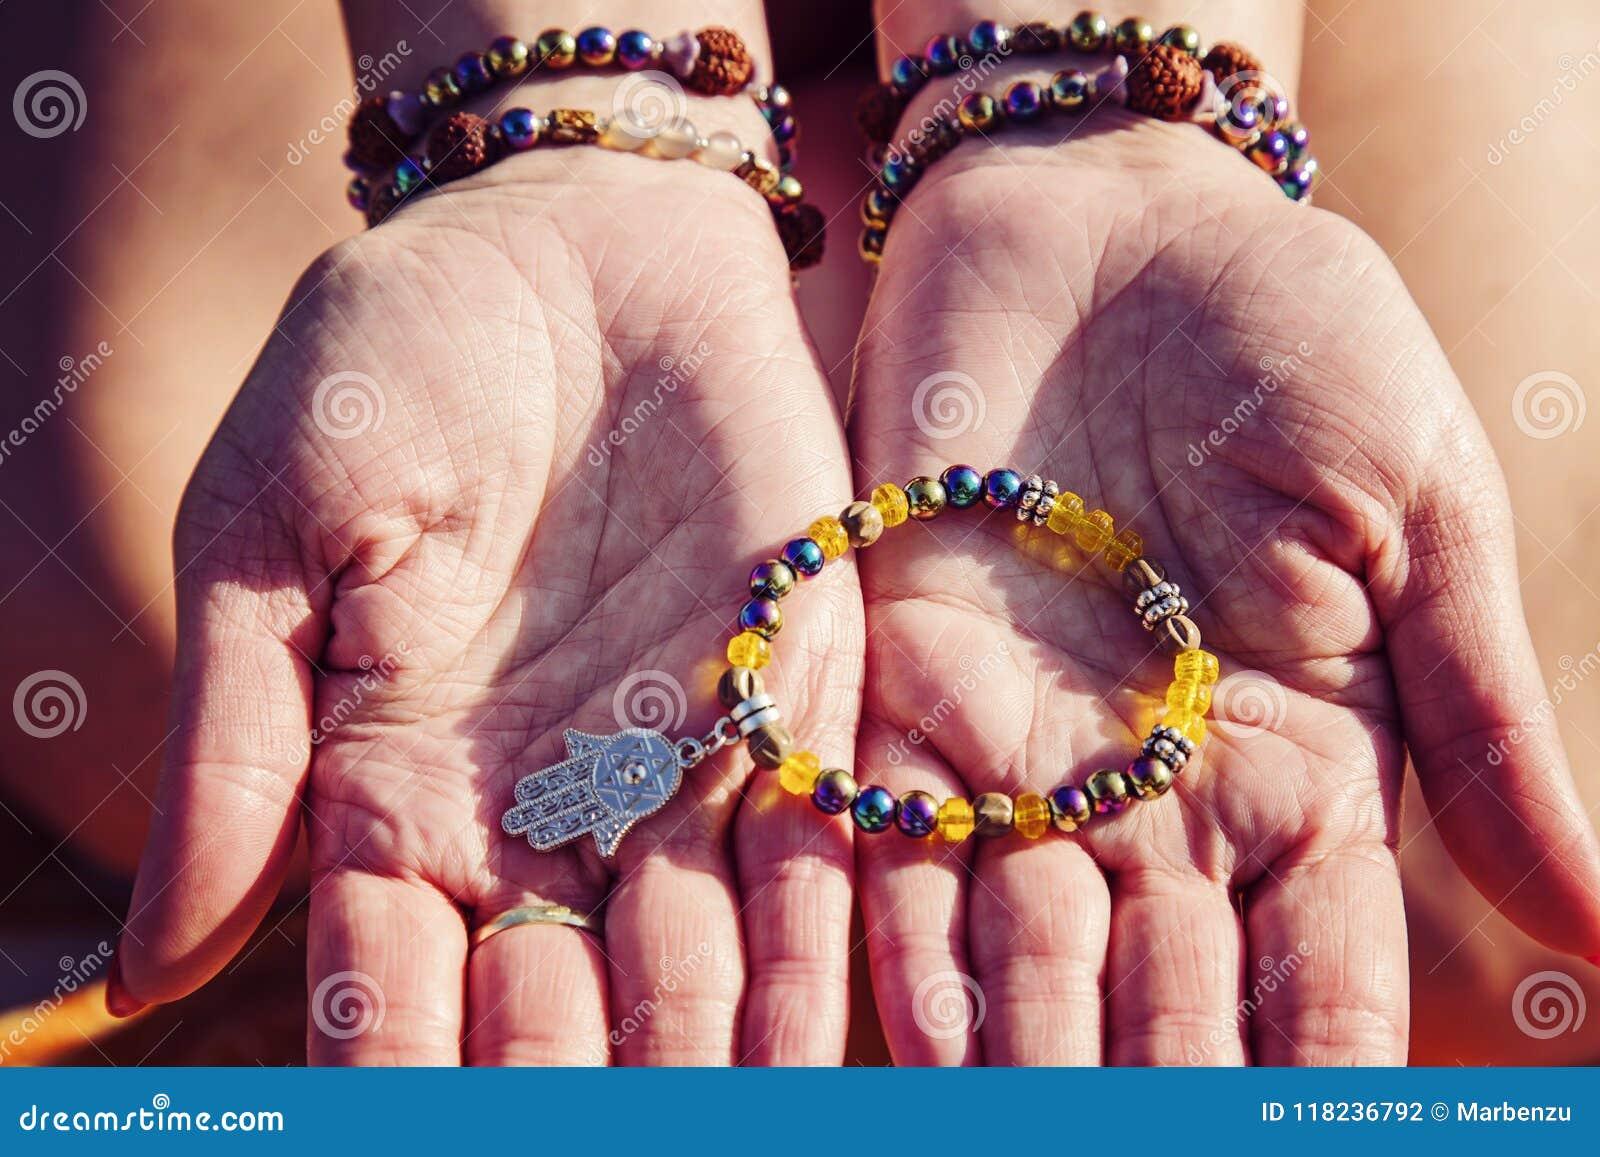 Palmas femeninas con las pulseras naturales de la gota que sostienen la pulsera con el colgante del hamsa